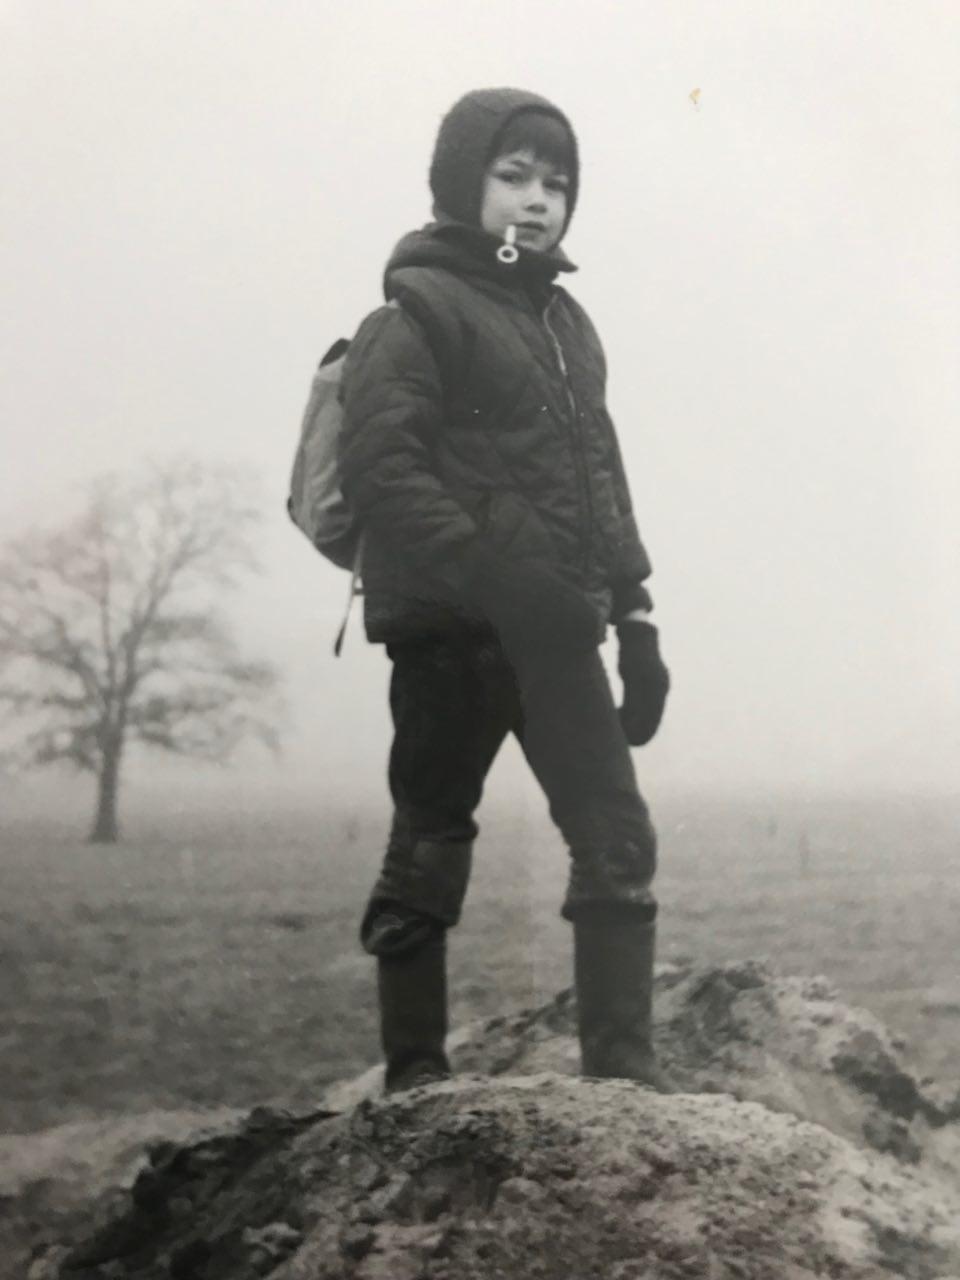 1972: als ontdekkingsreiziger, pijprokend en met rugzak.